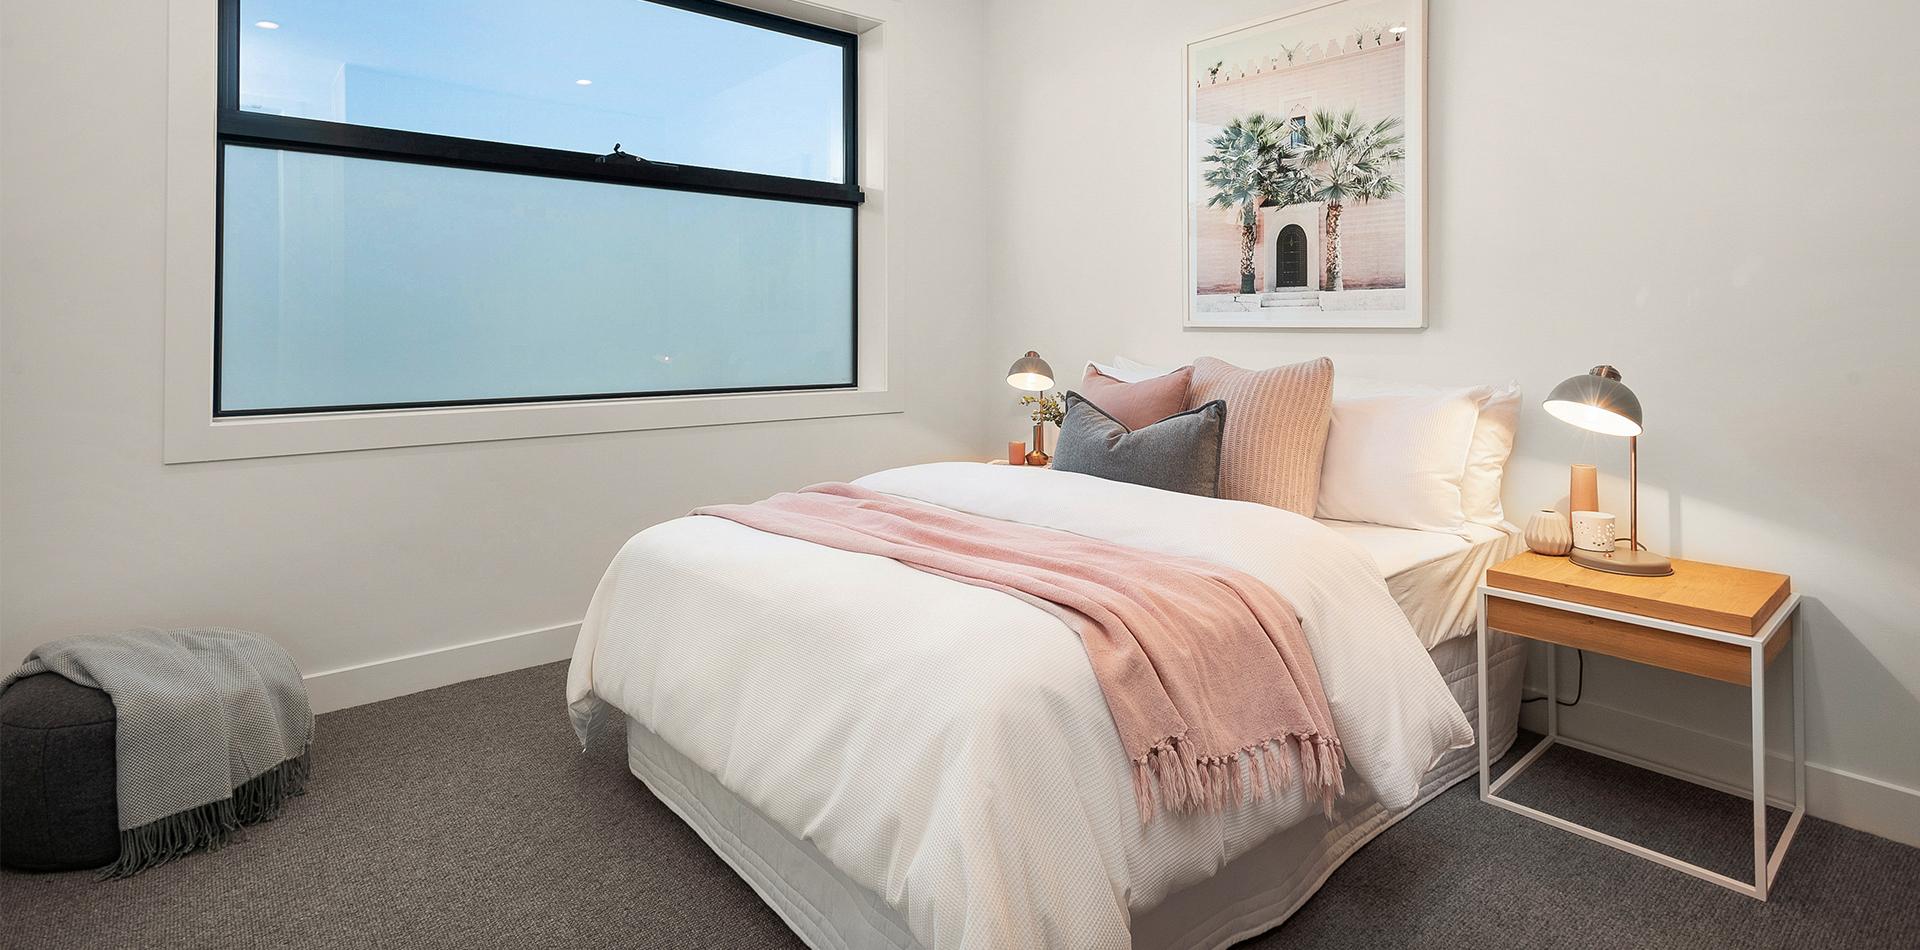 tribrockney_0001_bedroom